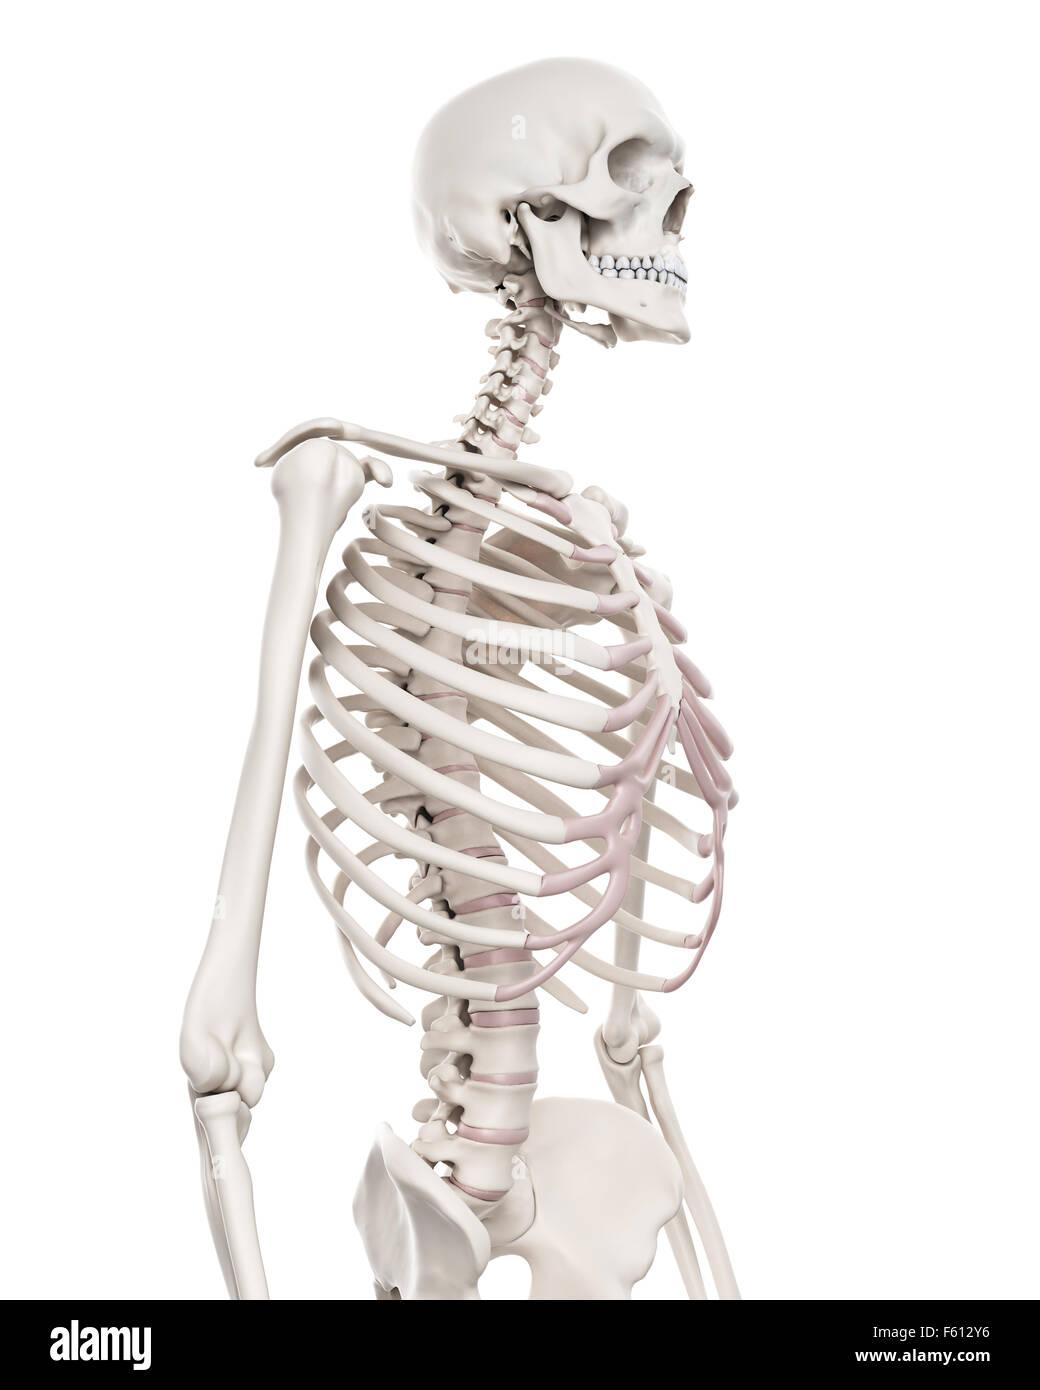 Charmant Skelett Systems Teile Ideen - Menschliche Anatomie Bilder ...